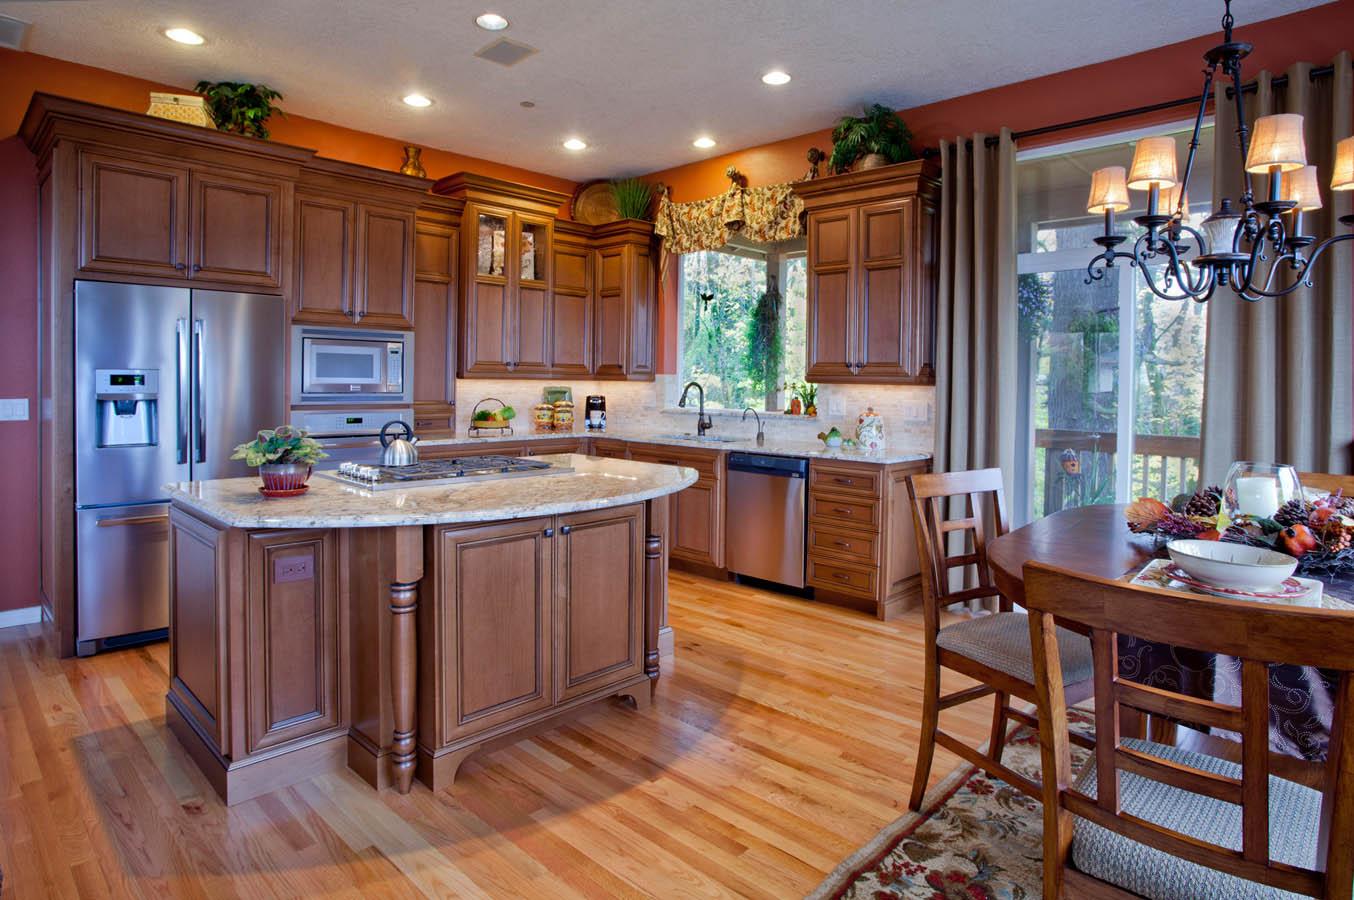 Northwest-Modern total kitchen remodel